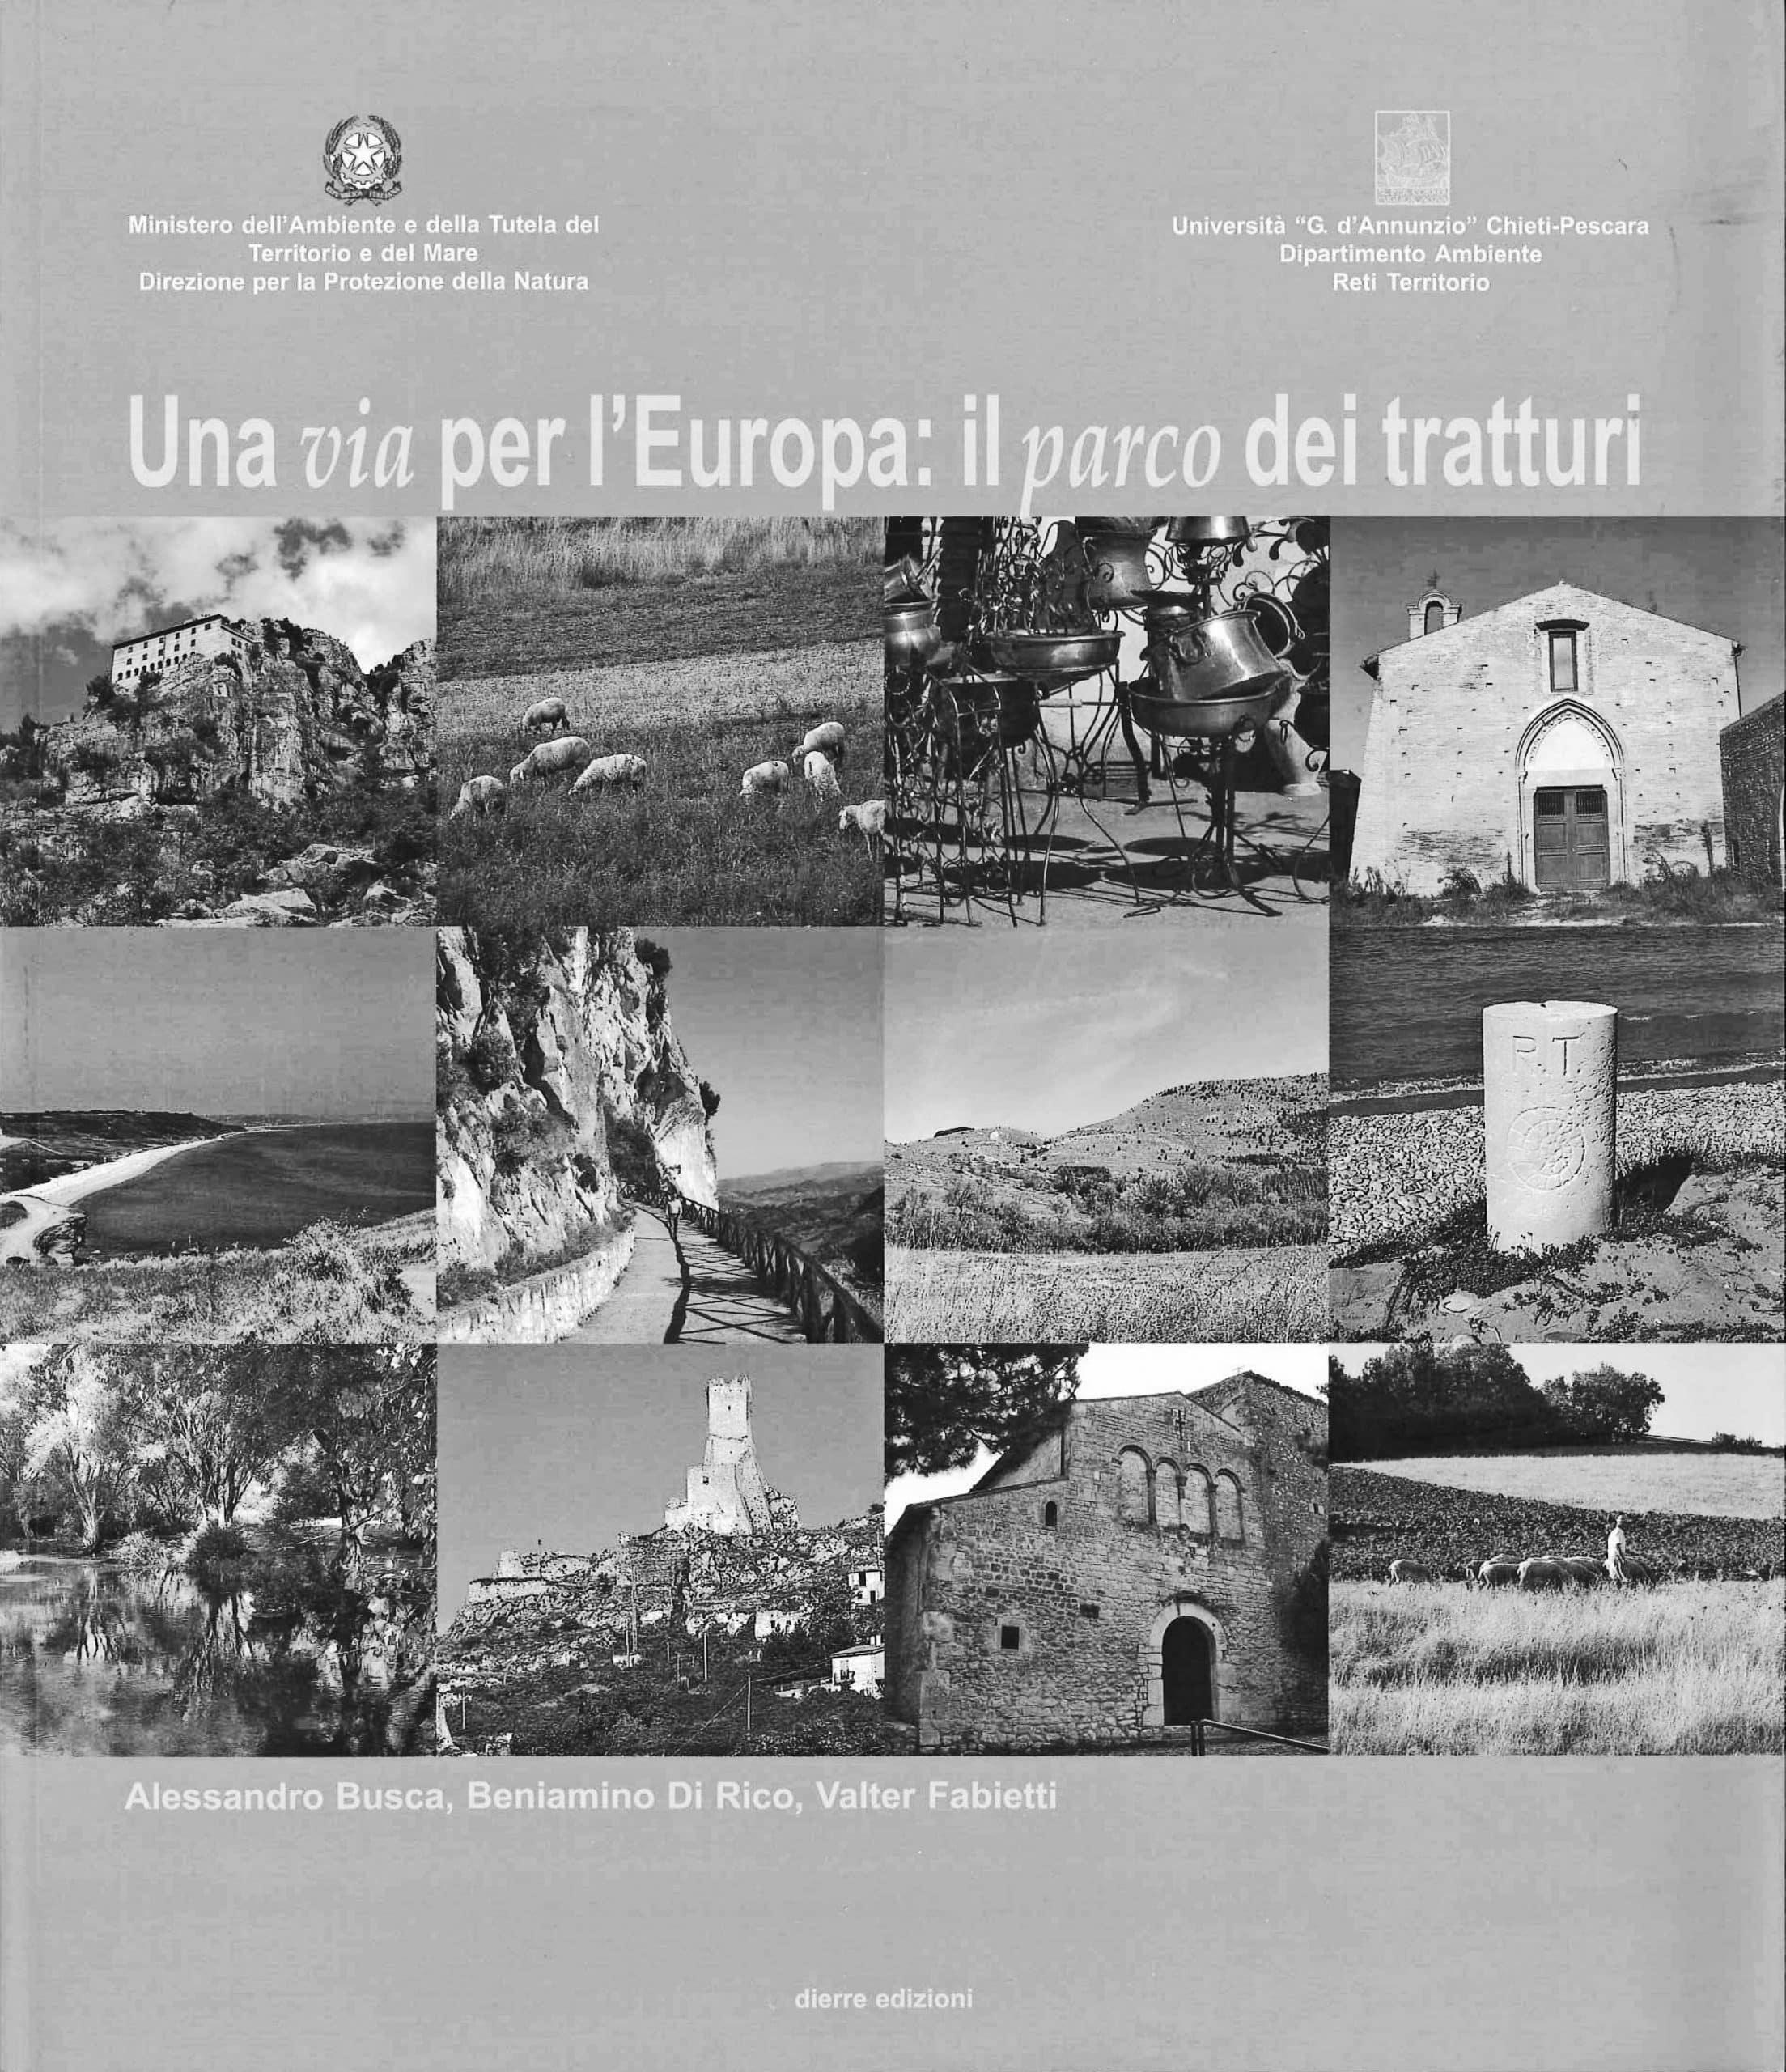 18 - Una via per l'Europa: il parco dei tratturi, Ministero dell'Ambiente, Dierre Edizioni, Pescara 2007; con B. Di Rico e V. Fabietti - Copertina